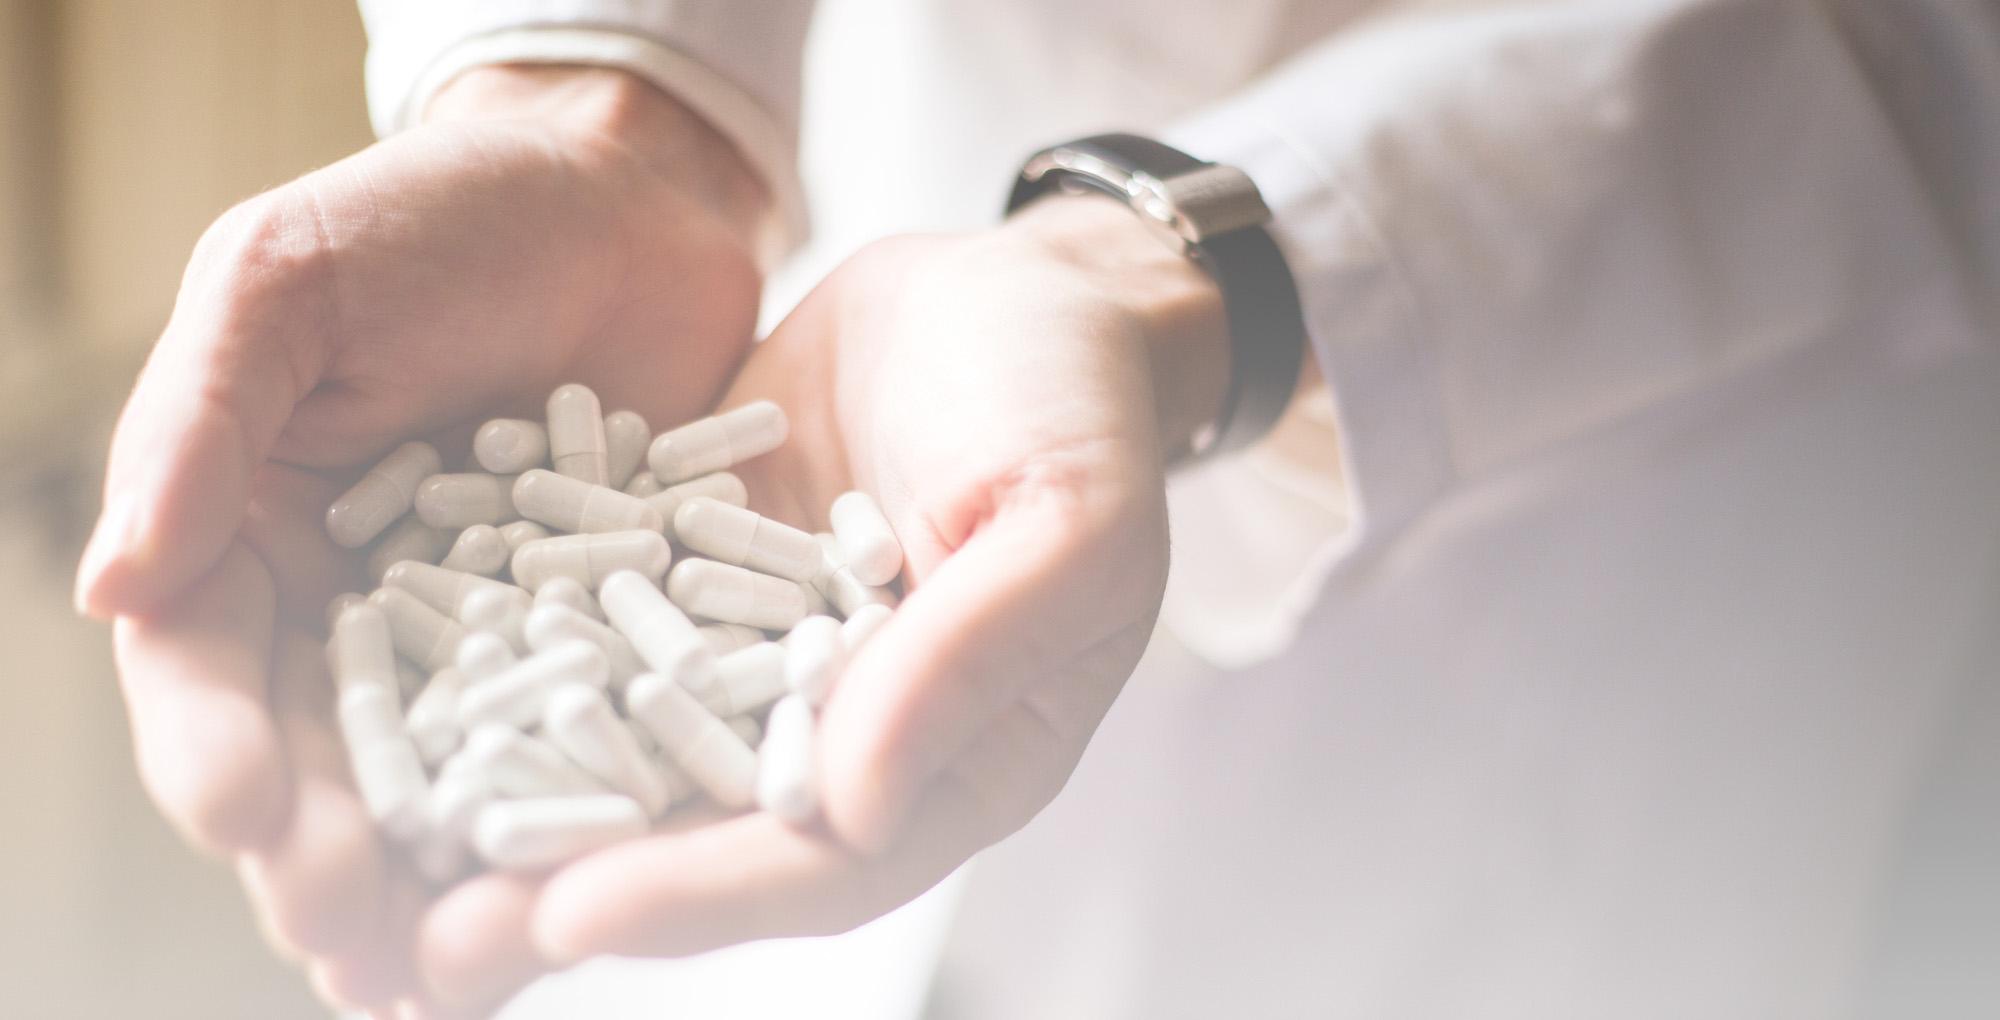 Asesoramiento en la fabricación, almacenamiento y distribución de productos farmacéuticos